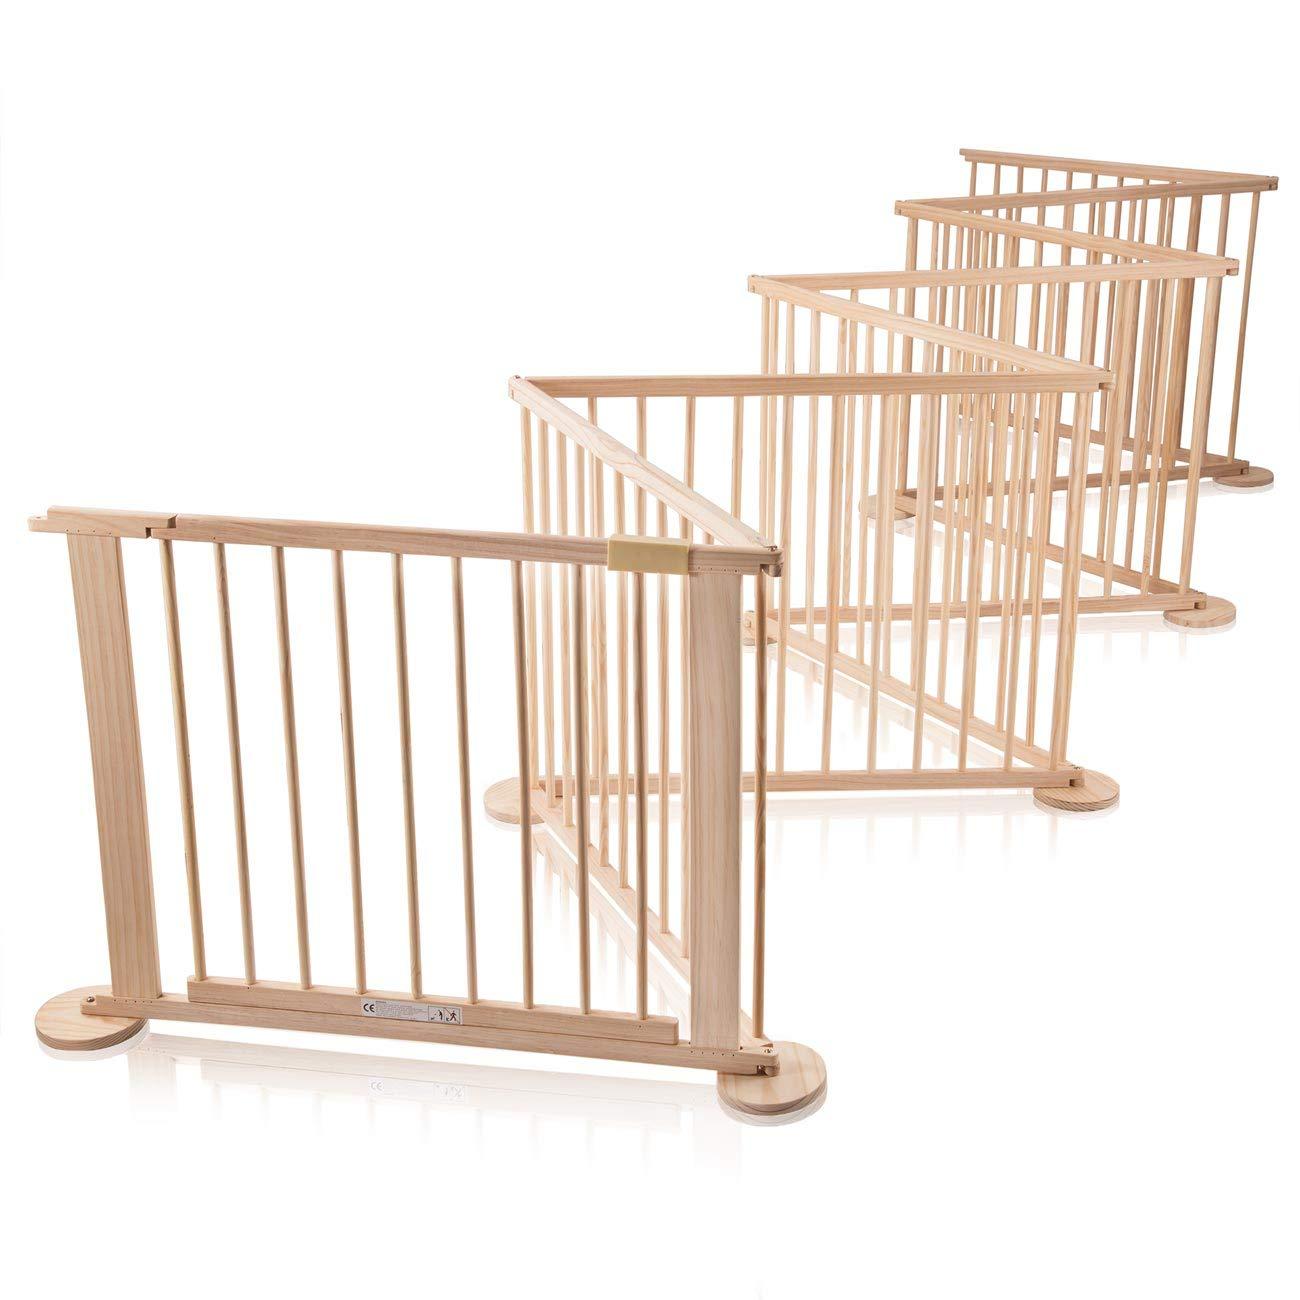 Baby Vivo Parque corralito Puerta Robusto Bebe Barrera de Seguridad hecho de Madera con Puertas 8 Elemente Modelo 2018